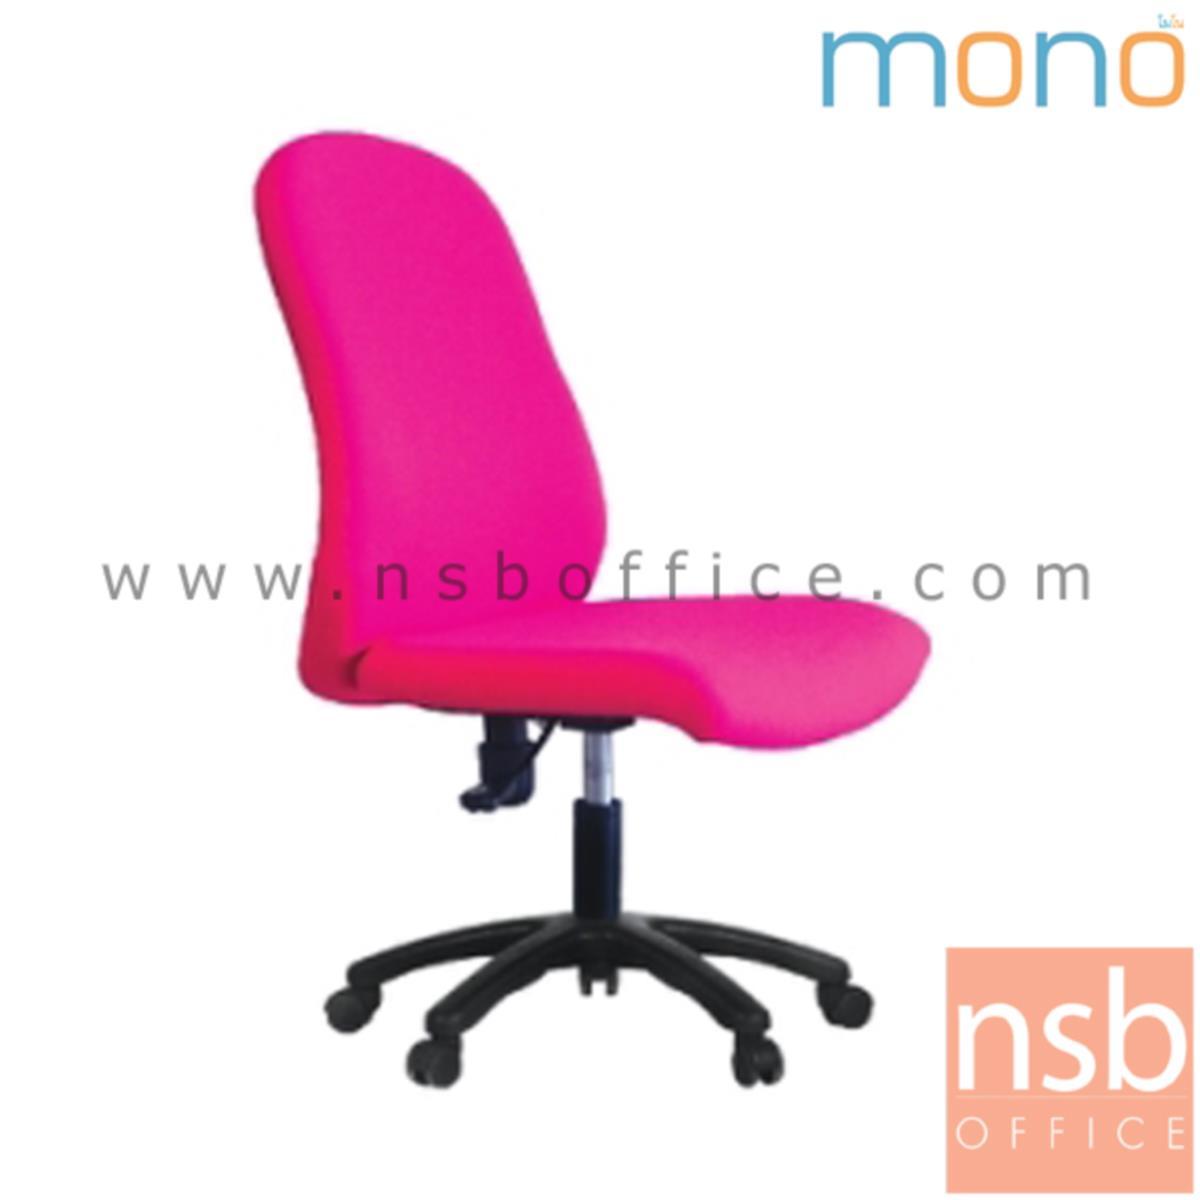 B33A007:เก้าอี้สำนักงานหุ้มผ้า รุ่น Gardenia (การ์ดิเนีย)  โช๊คแก๊ส ก้อนโยก ขาพลาสติก